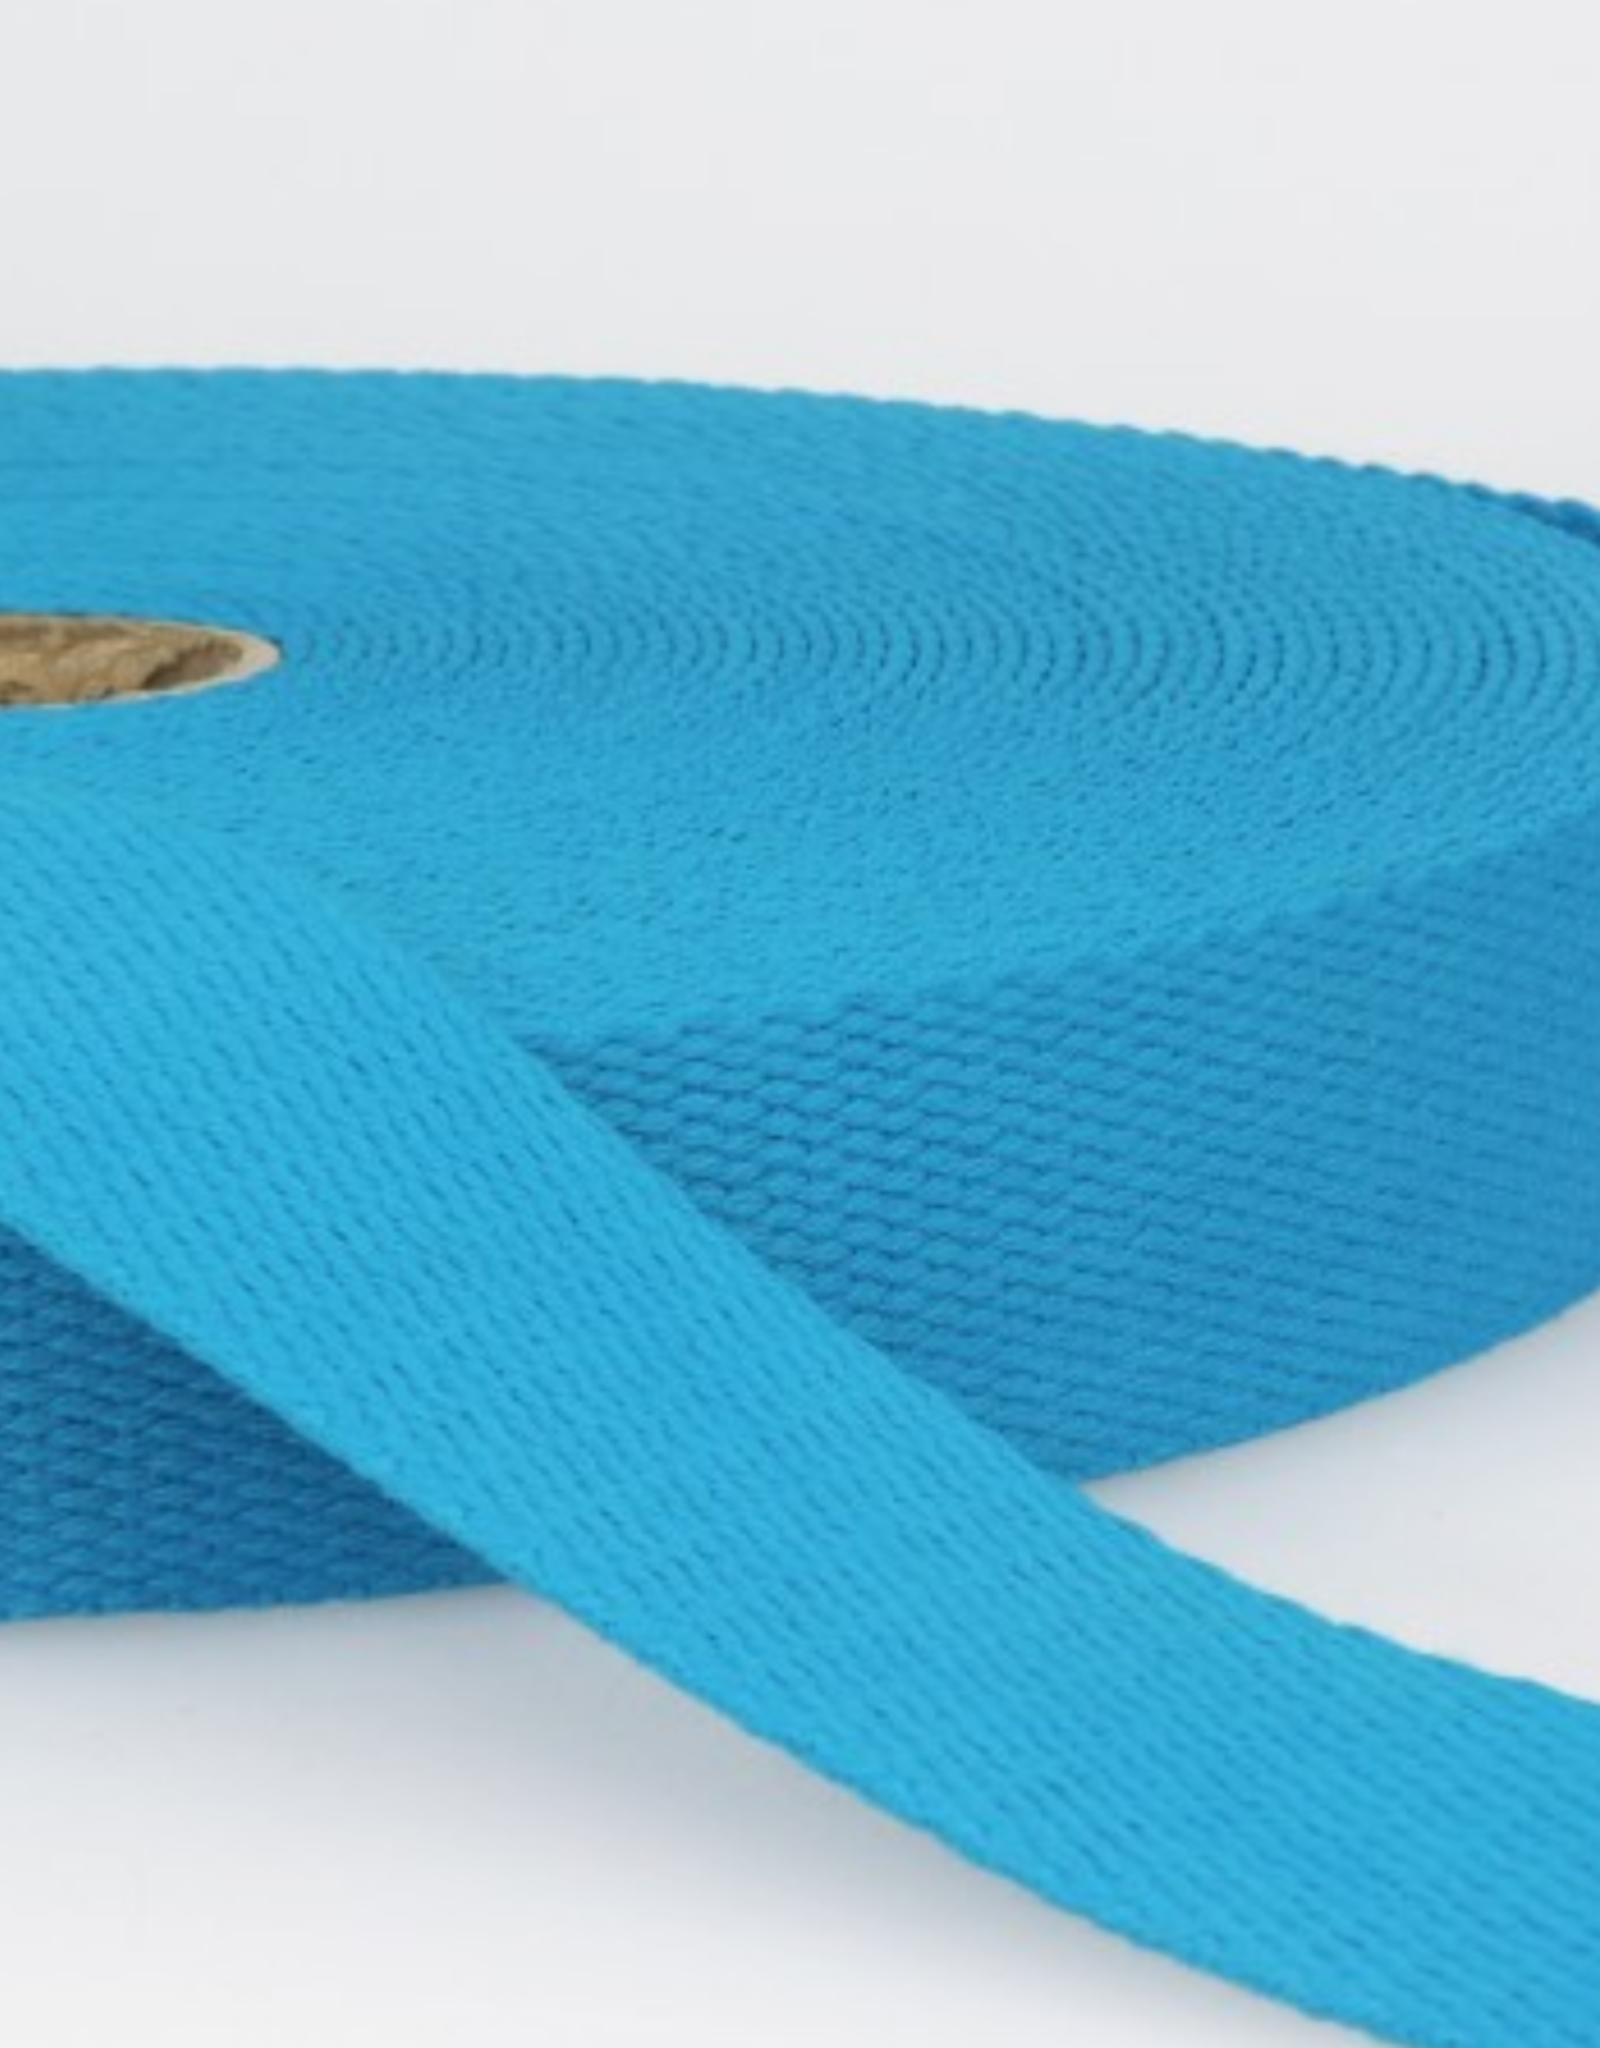 Tassenband - Aqua - 25mm